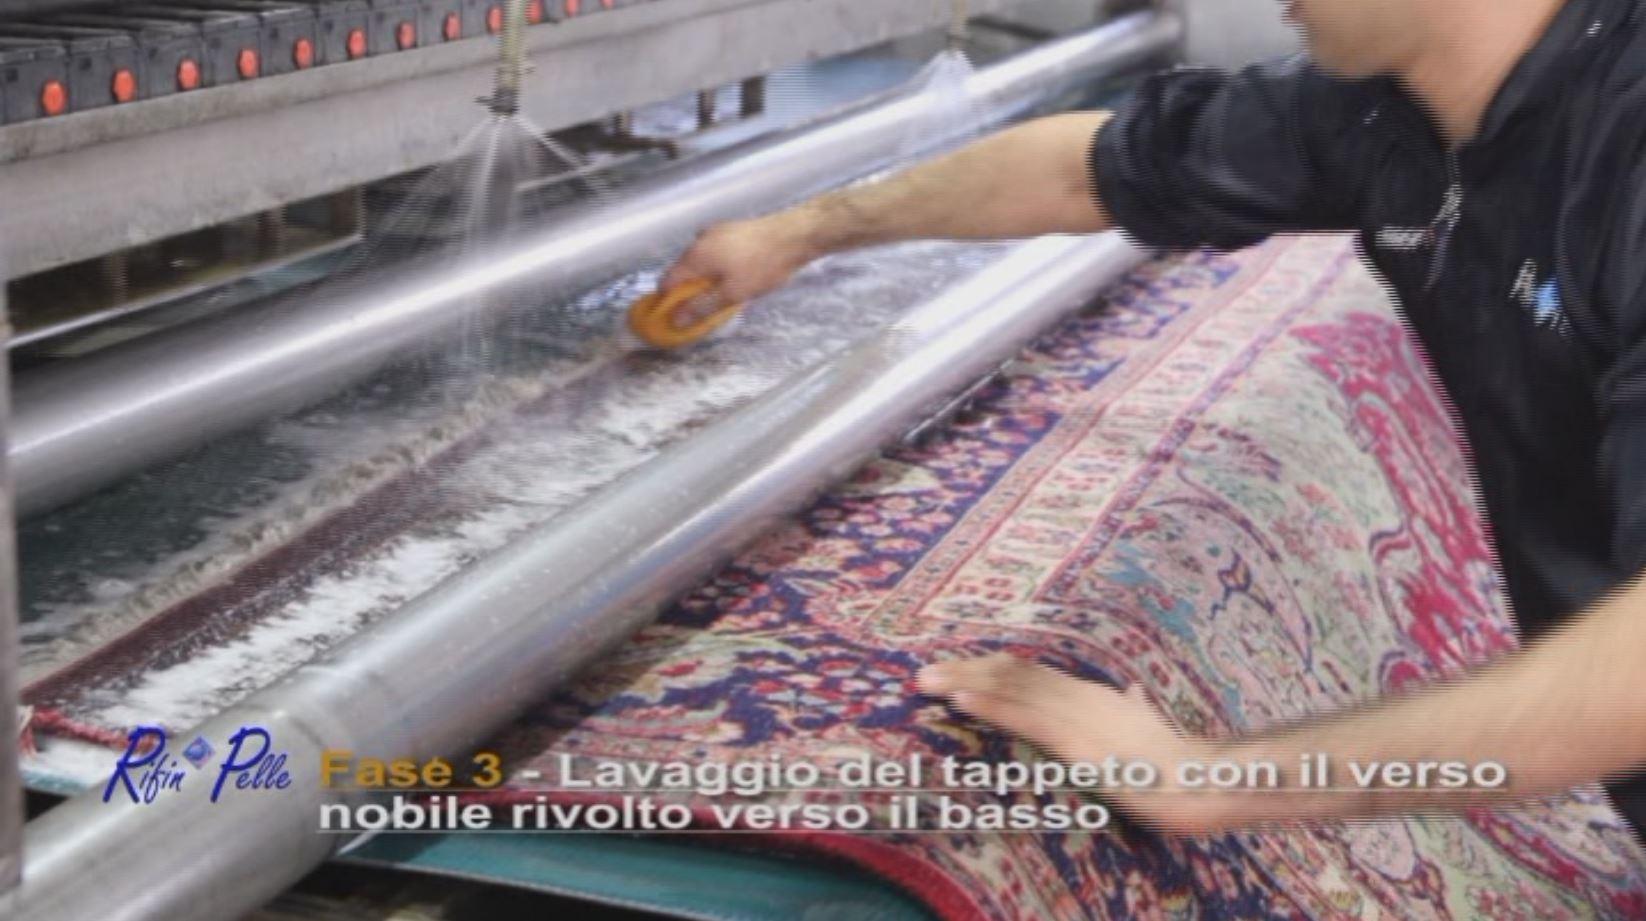 Lavaggio del tappeto con il verso nobile rivolto verso il basso